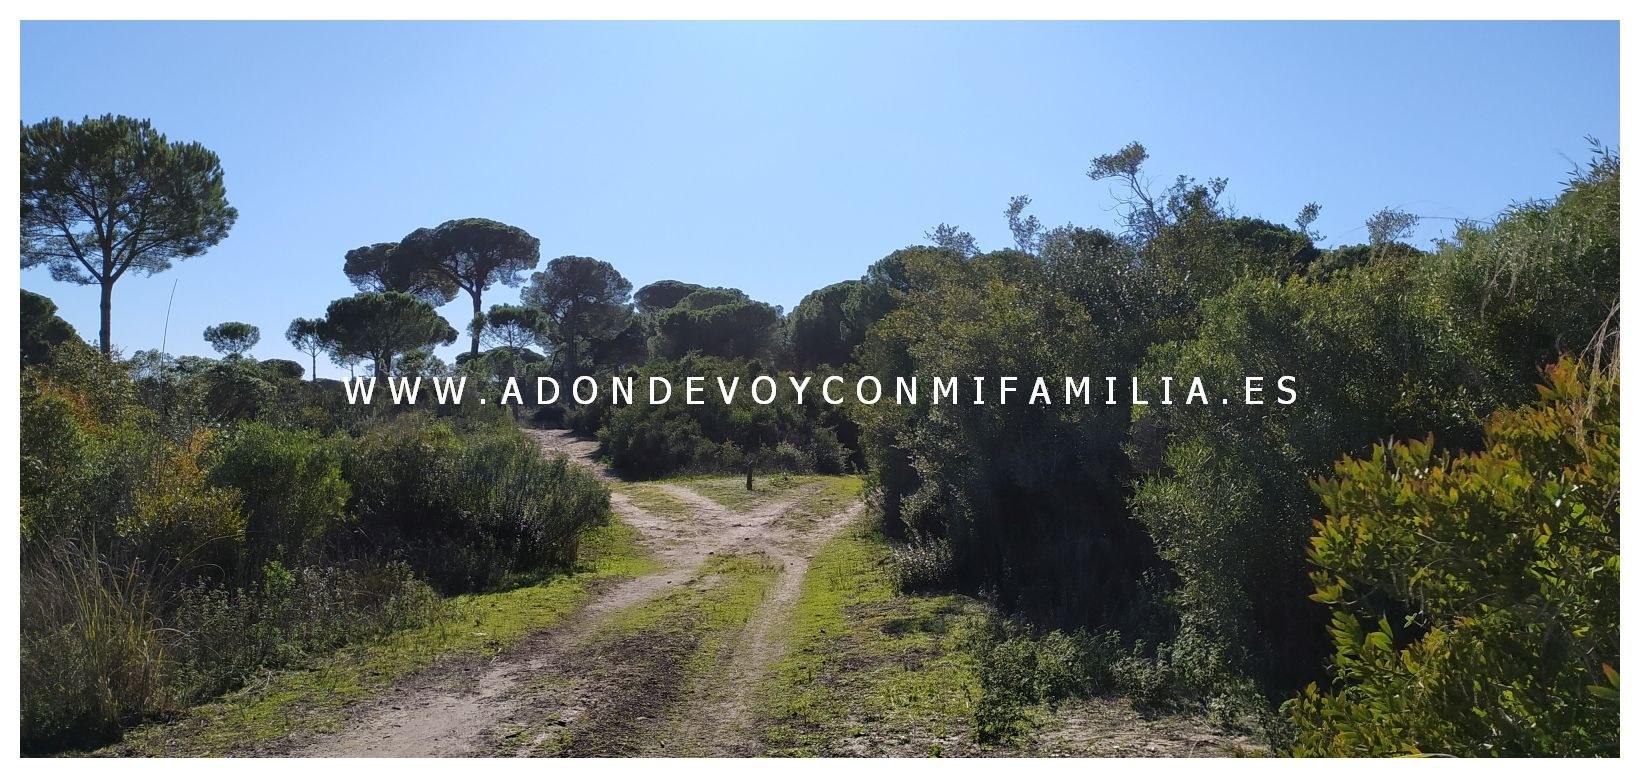 sendero-cerro-del-aguila-pinar-de-la-algaida-sanlucar-adondevoyconmifamilia-09